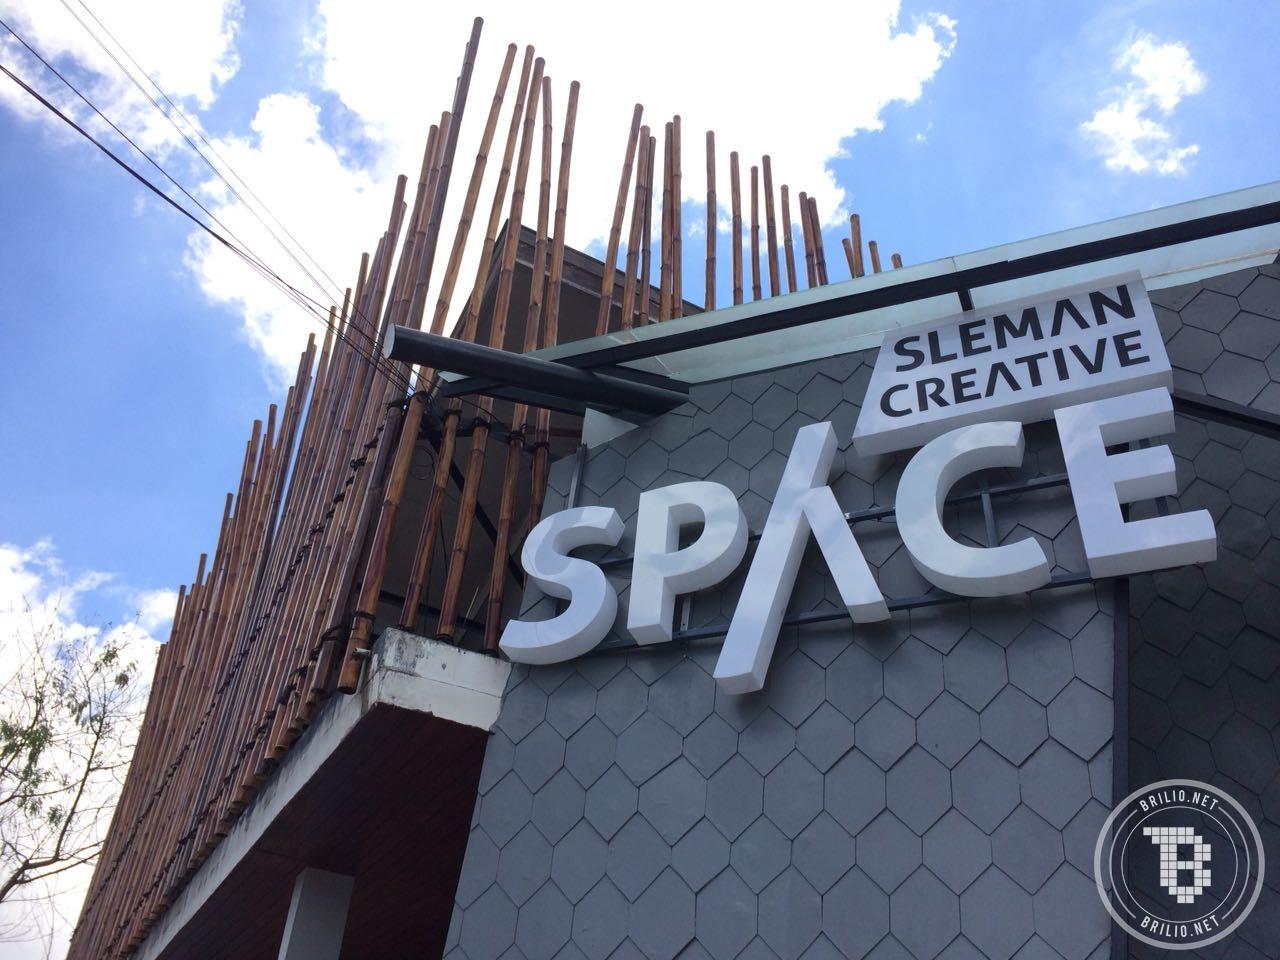 Mengulik Sleman Creative Space, ruang kumpul dan berkarya anak muda